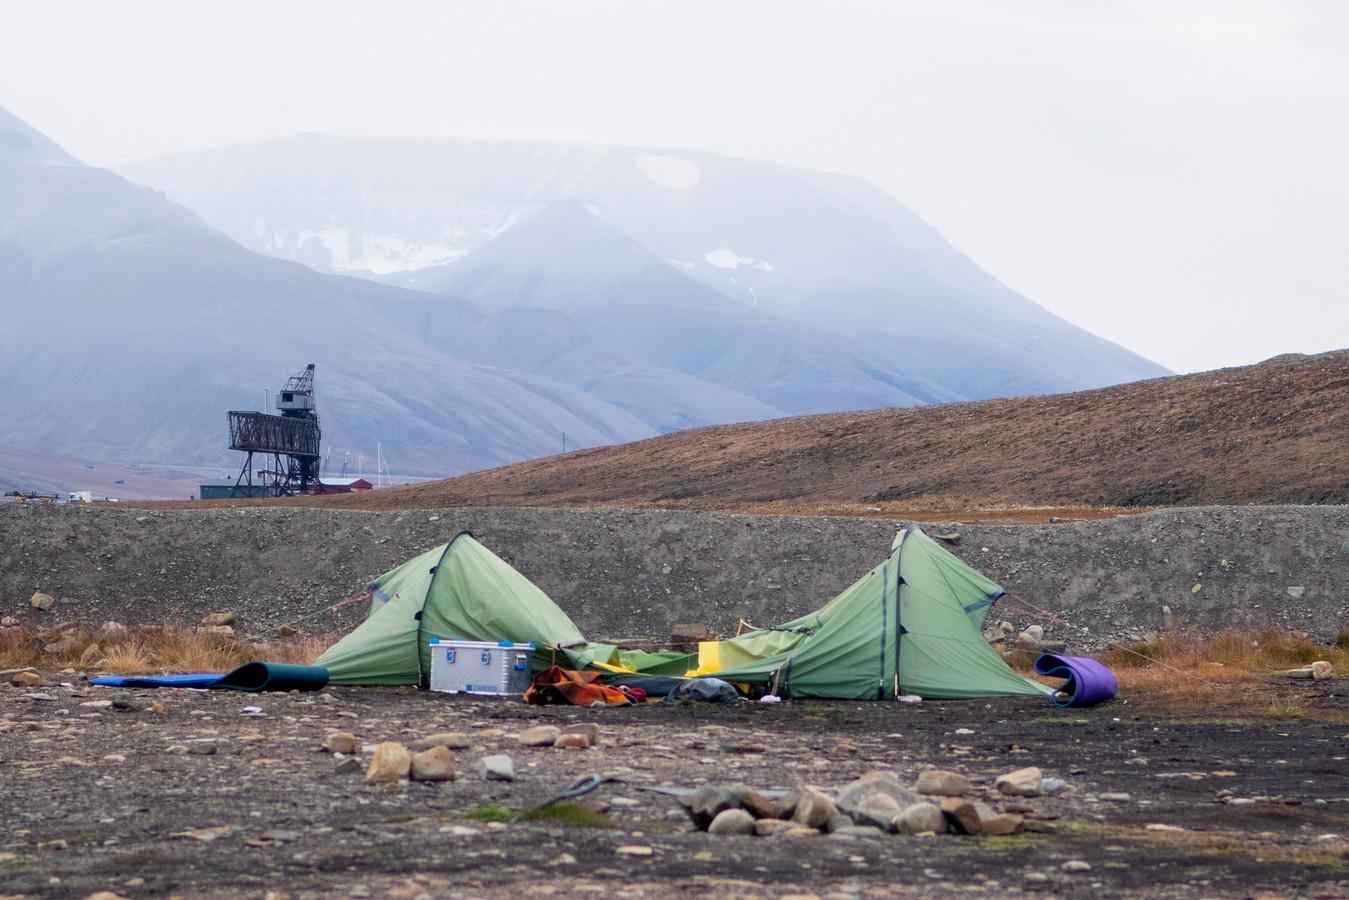 De zwaar gehavende tent van Job Kootte na de ijsbeeraanval.